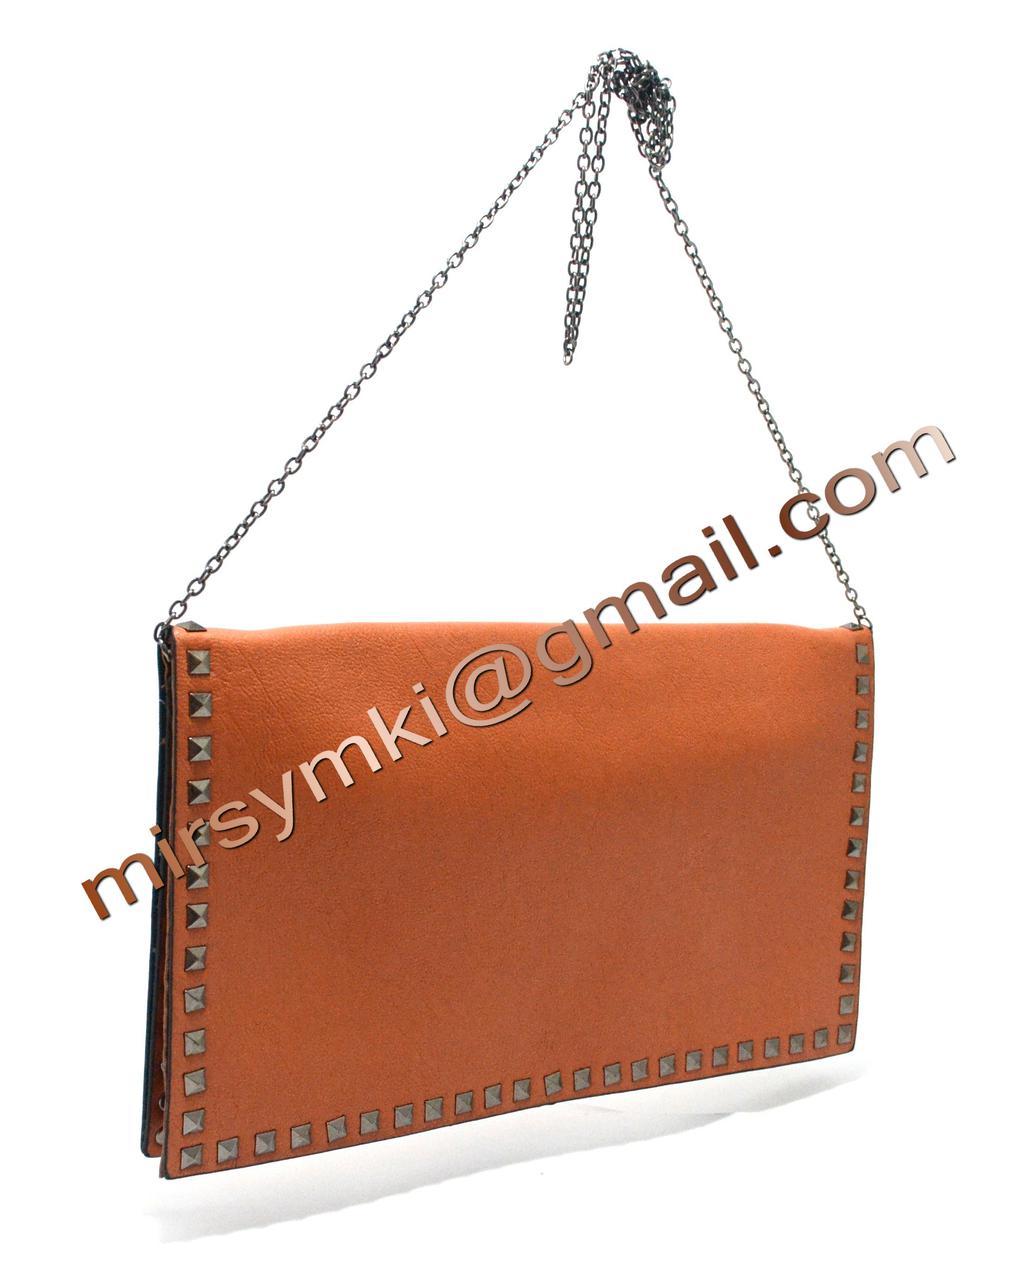 Клатч женский even with handle orange (Размер 33x21x1 ручка 1метр 30)